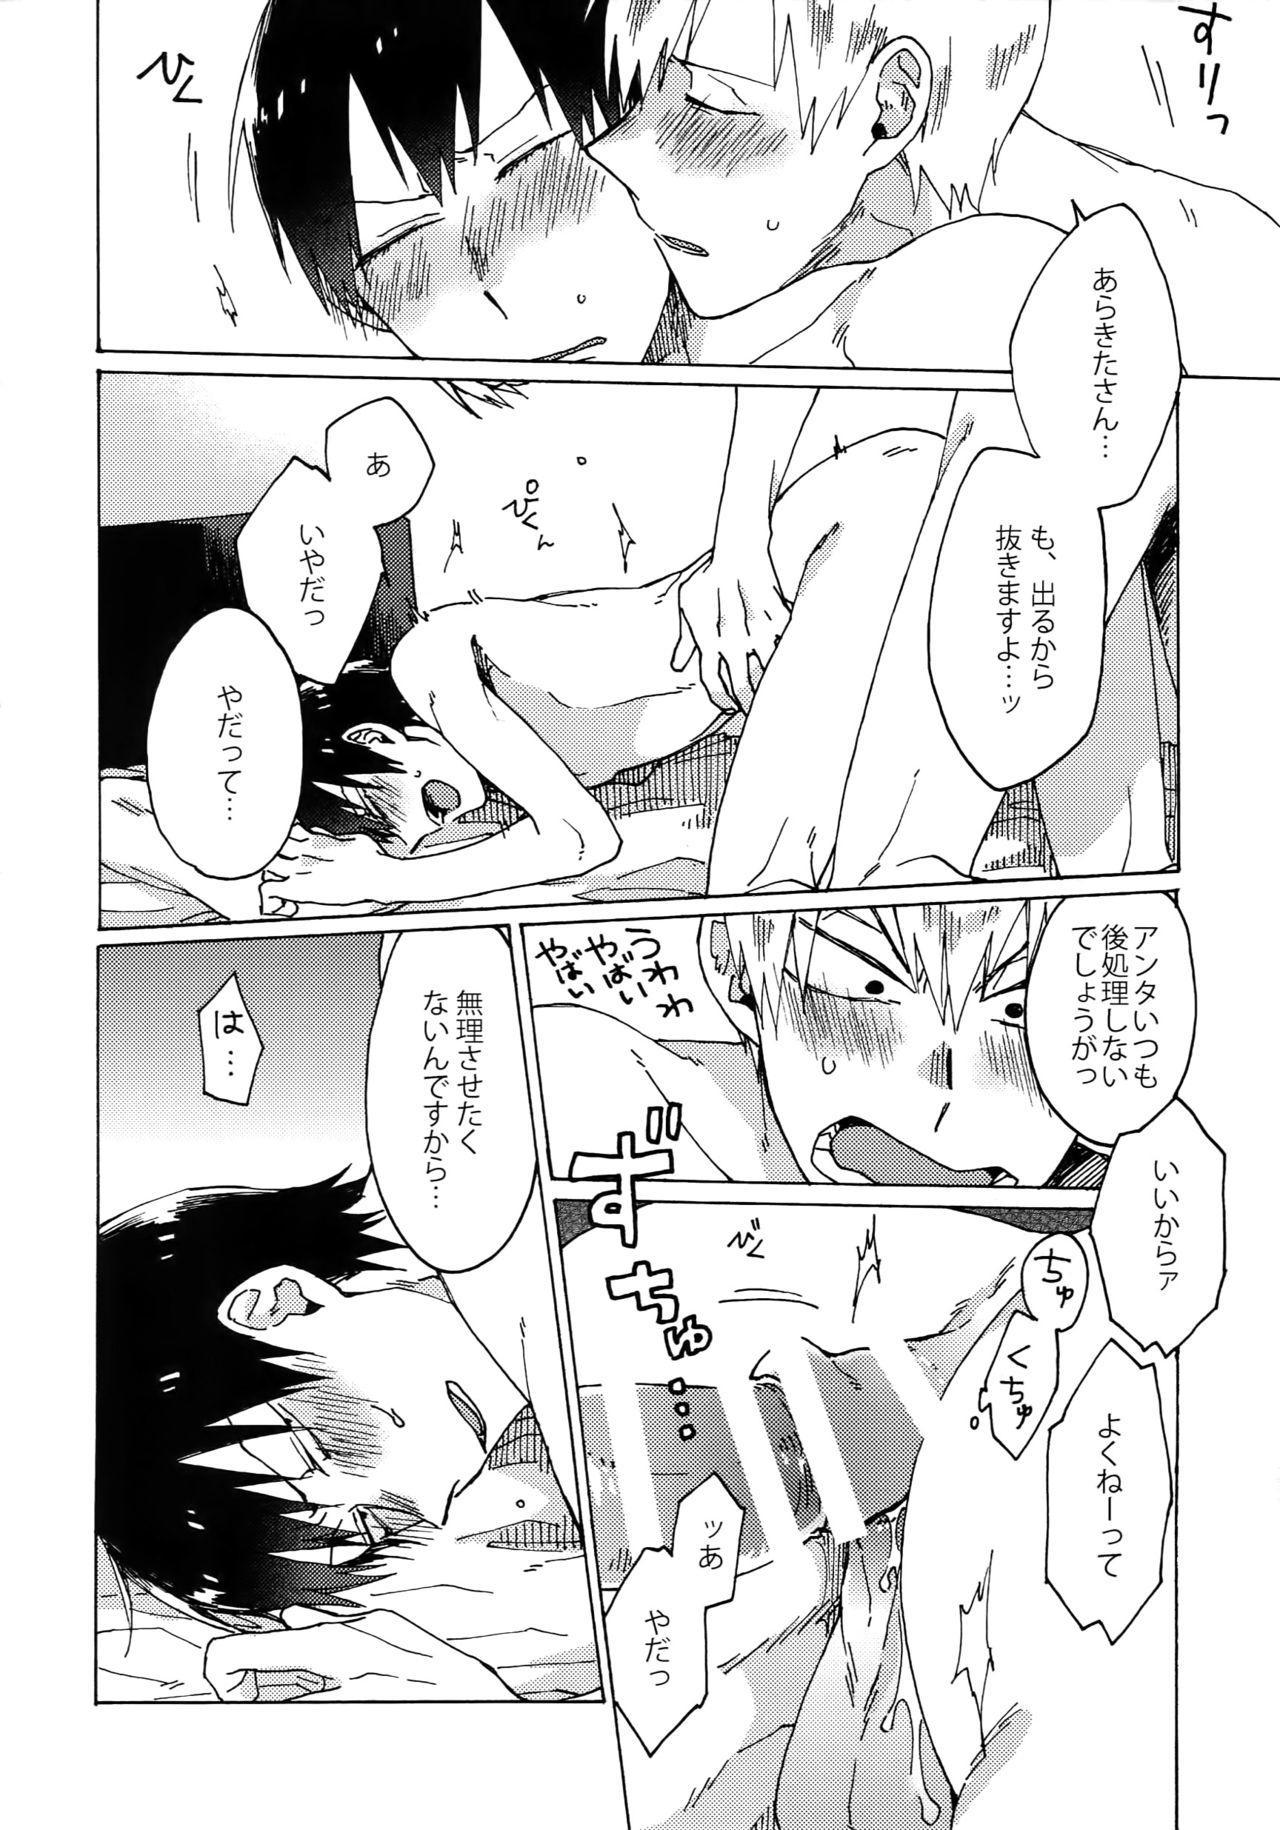 Buchi Yabure Shinzou 4